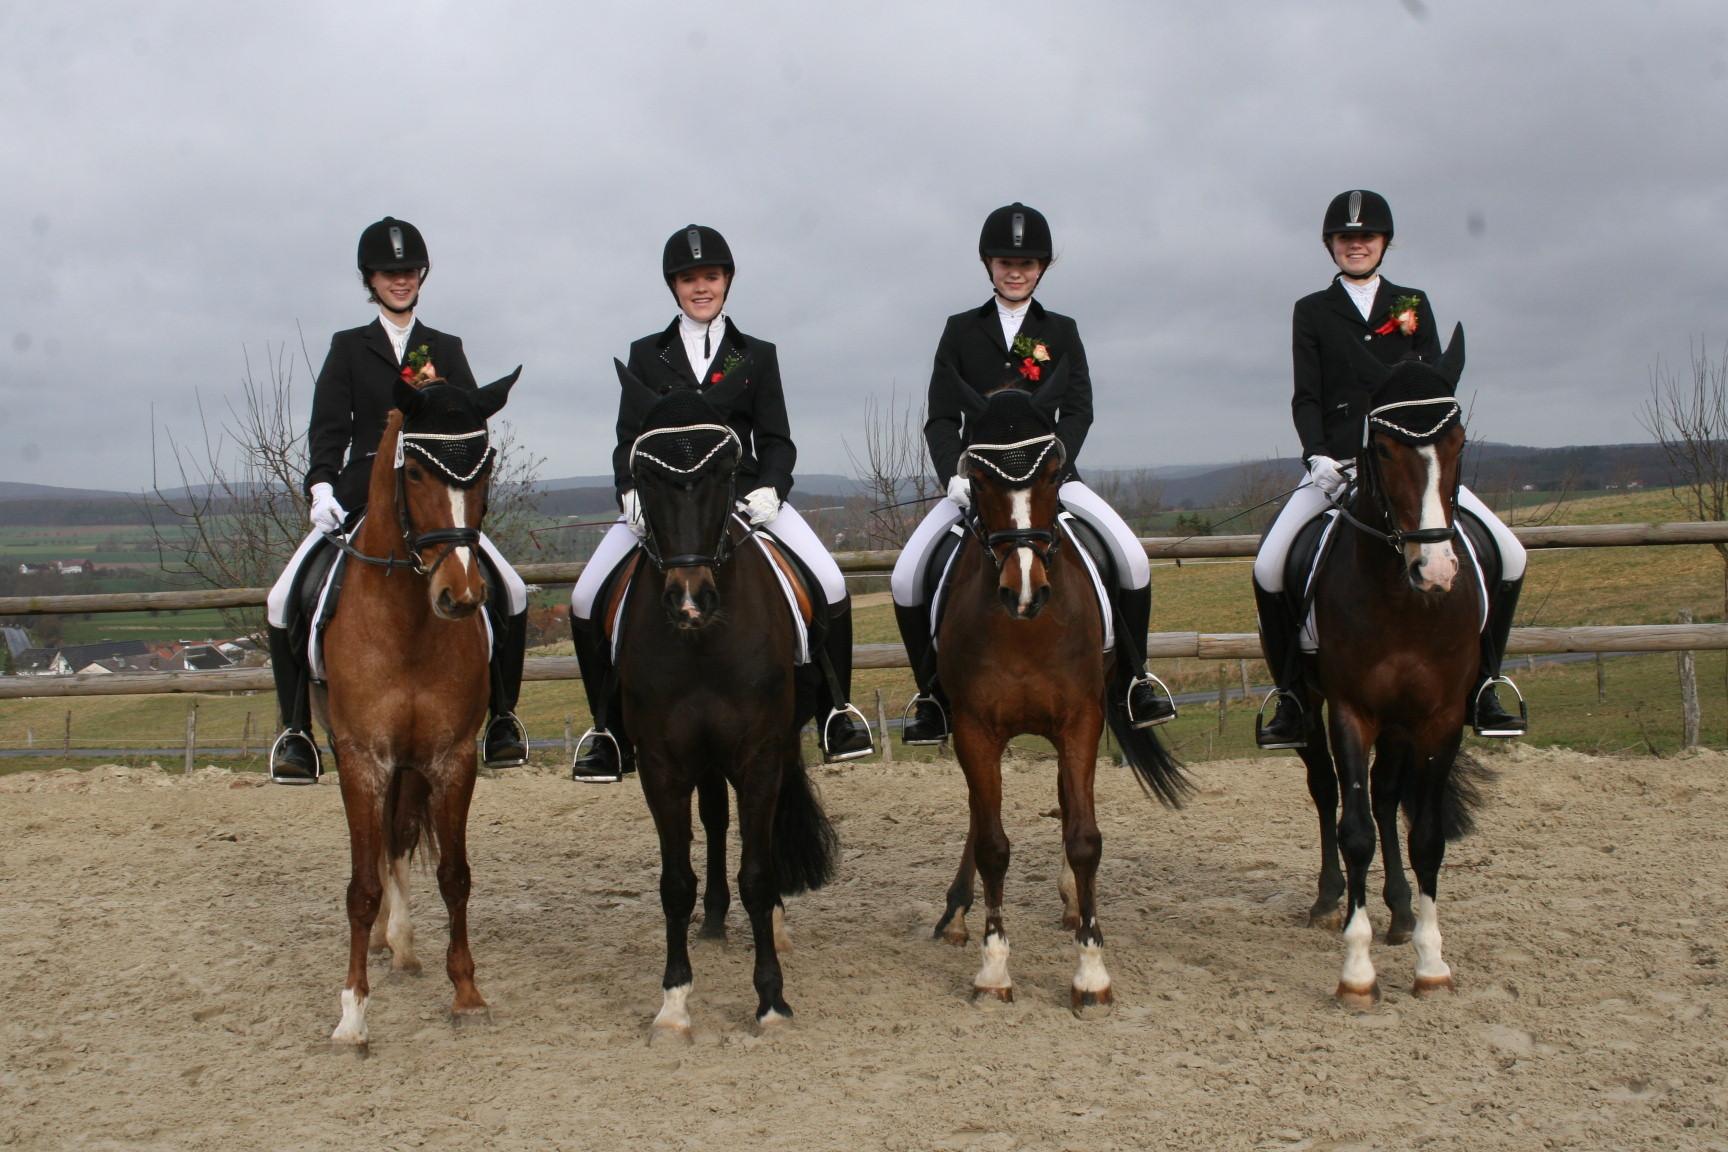 A-Mannschaft 1 mit:  Viktoria auf Franz, Marina auf Viktor,Paula auf Momo und Luisa auf Mary. Sie erzielten die beste Gesamtnote in der Dressur mit 8,5